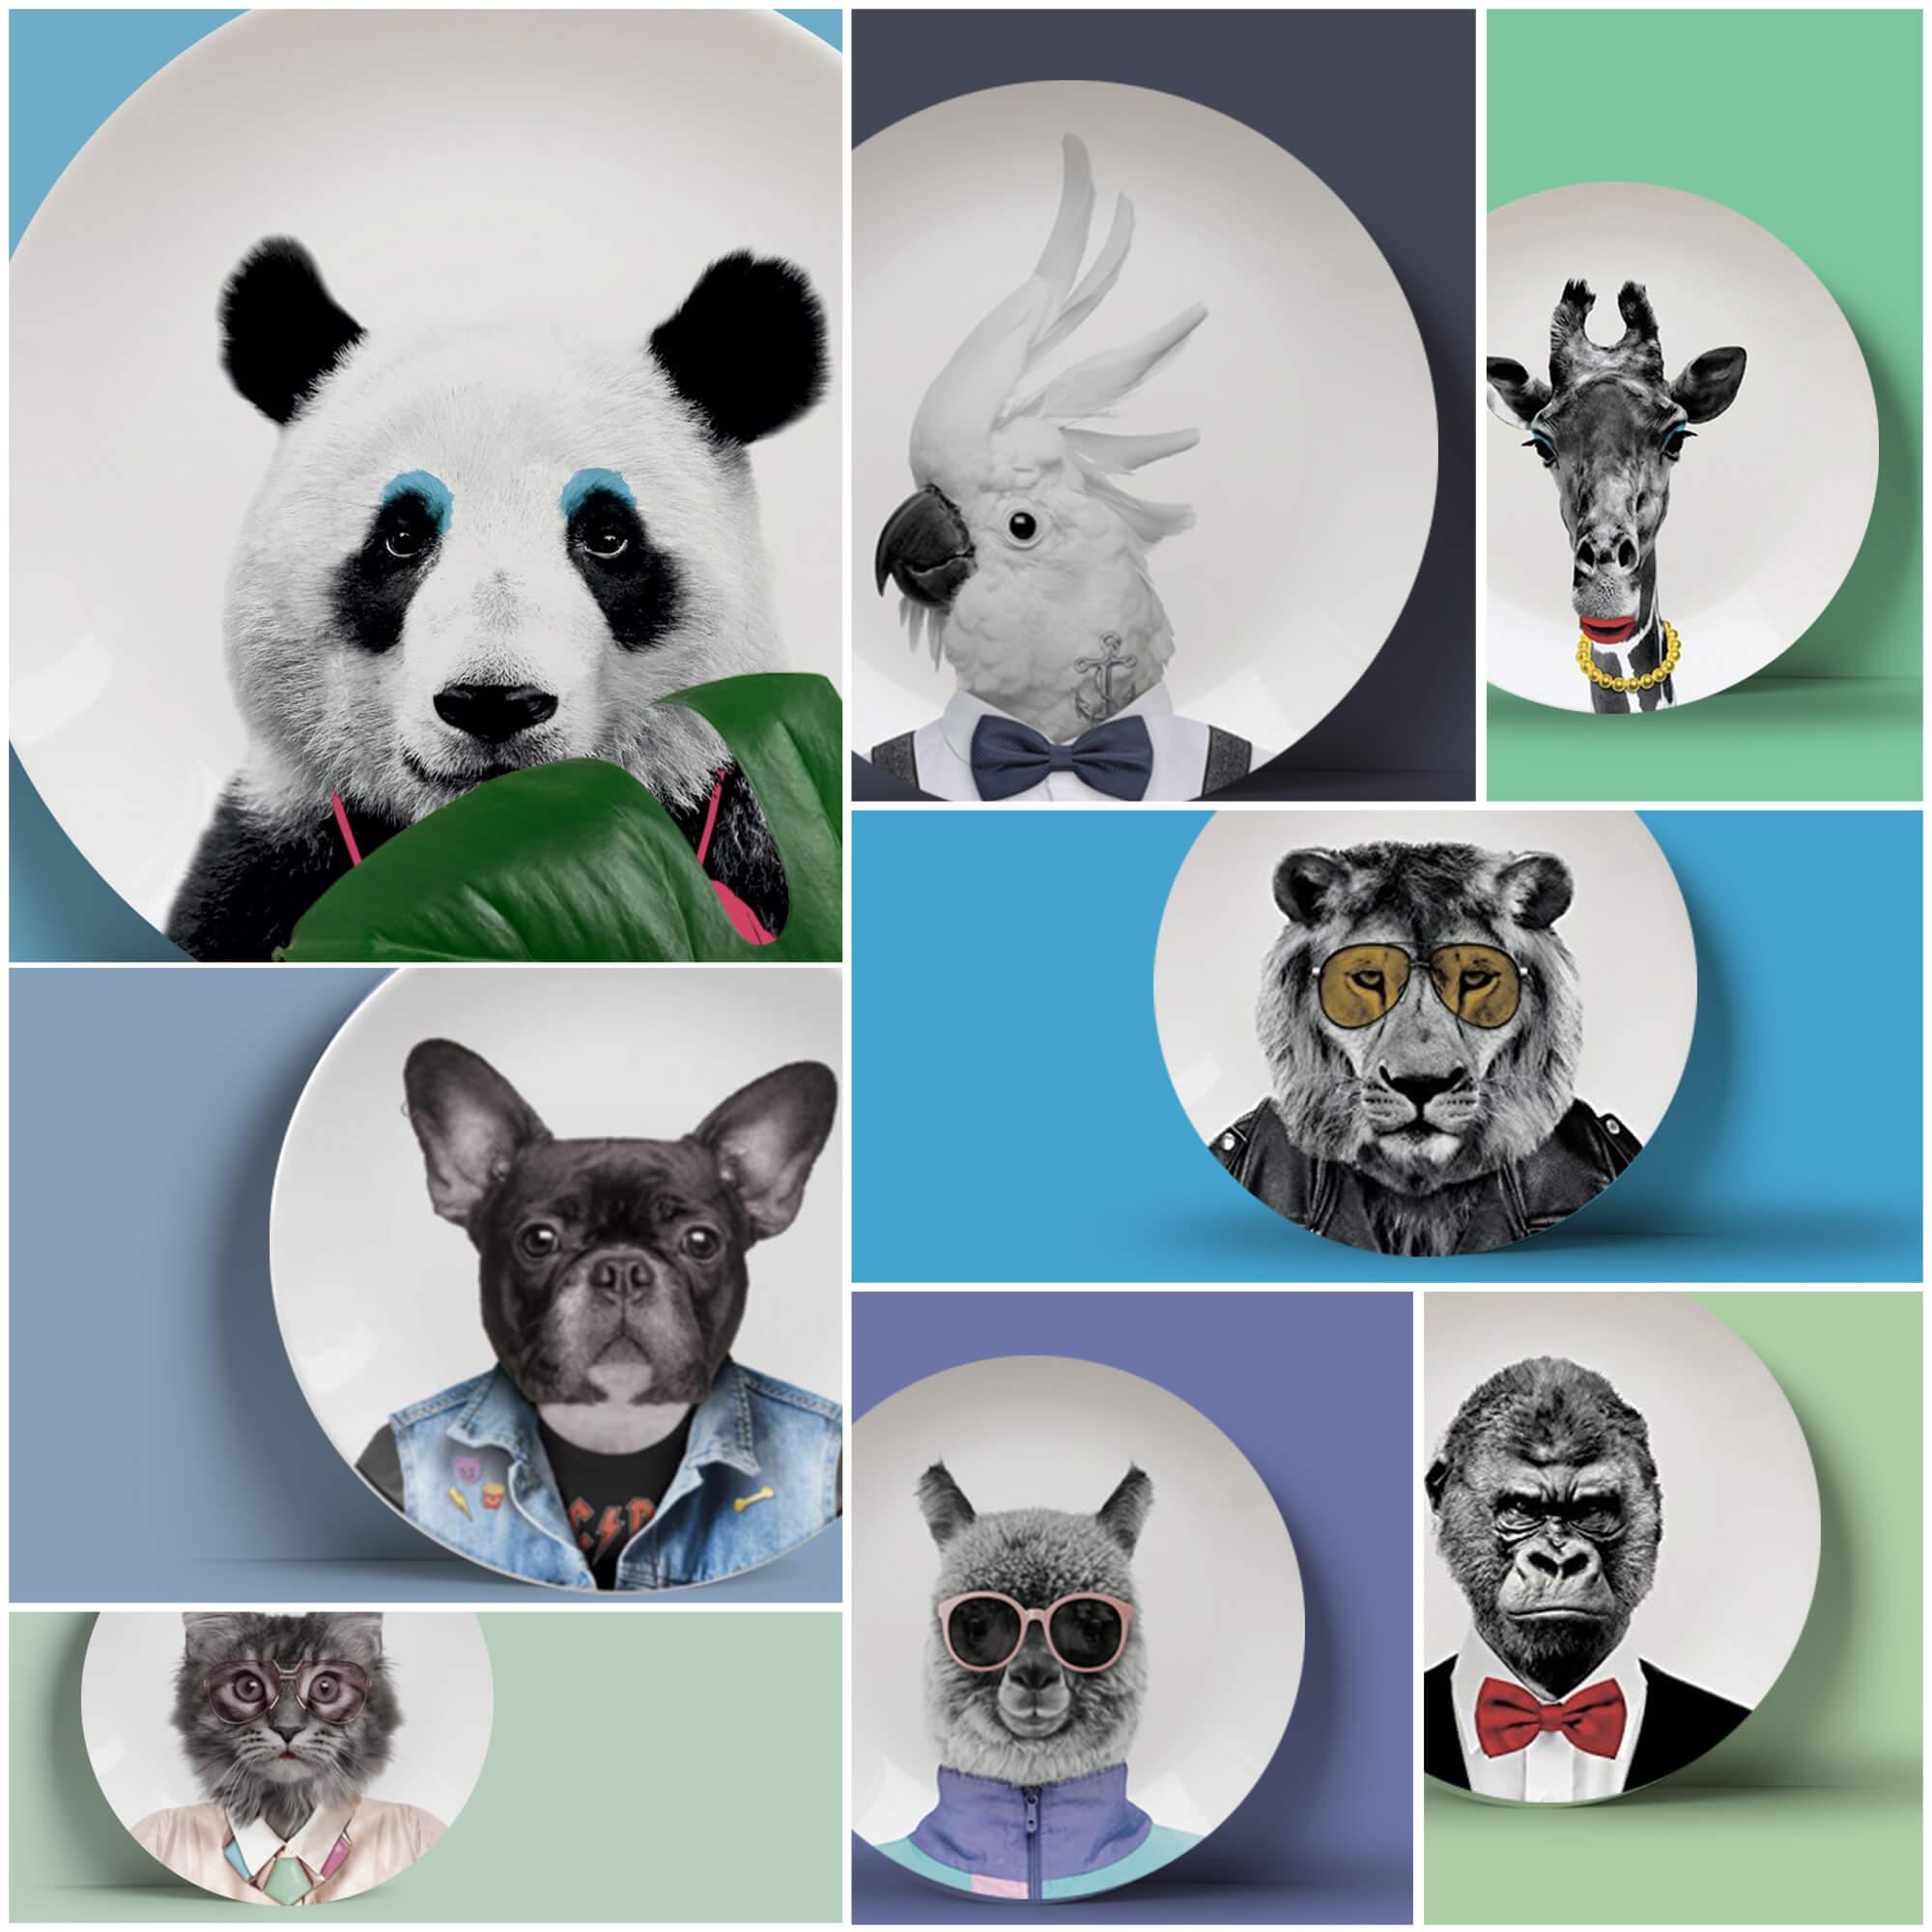 modèles d'assiettes rondes blanches à motifs animaux, tendance design vaisselle moderne avec photos animaux